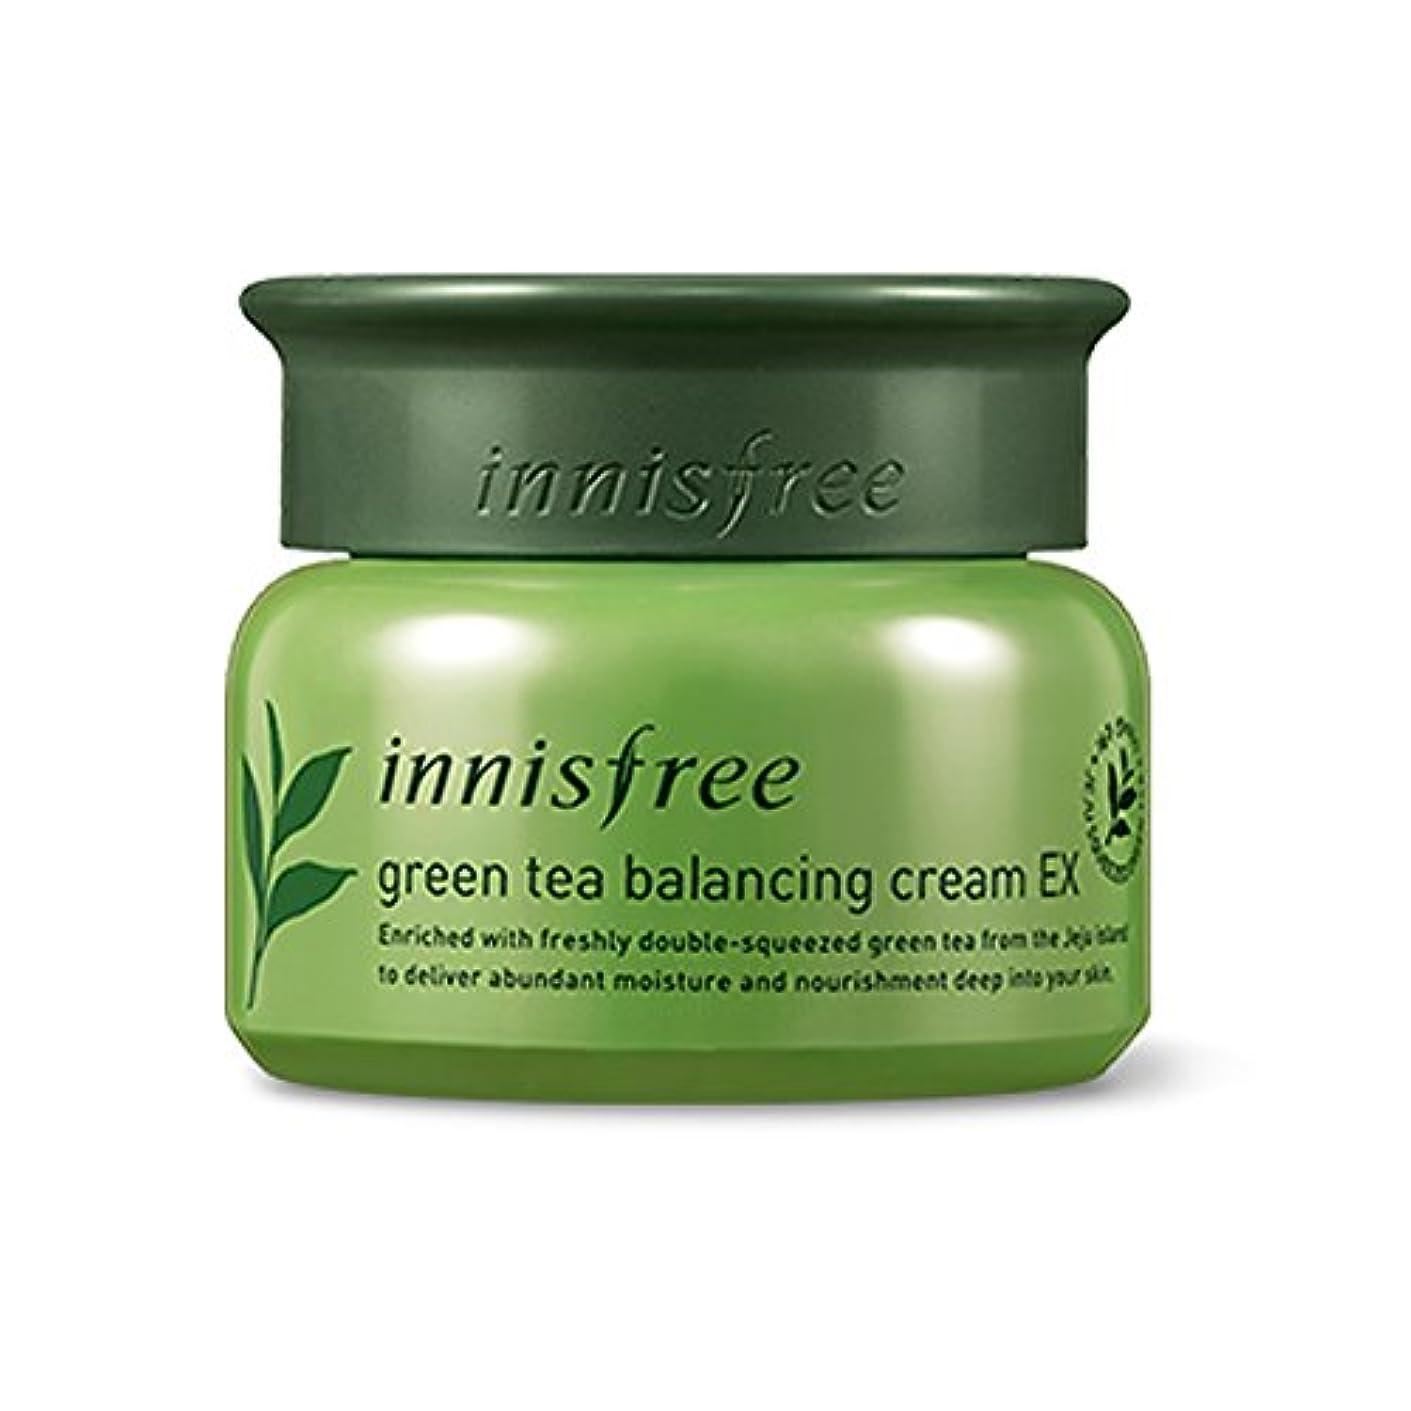 原因農民閃光イニスフリーグリーンティーバランスクリーム50ml「2018新製品」 Innisfree Green Tea Balancing Cream 50ml